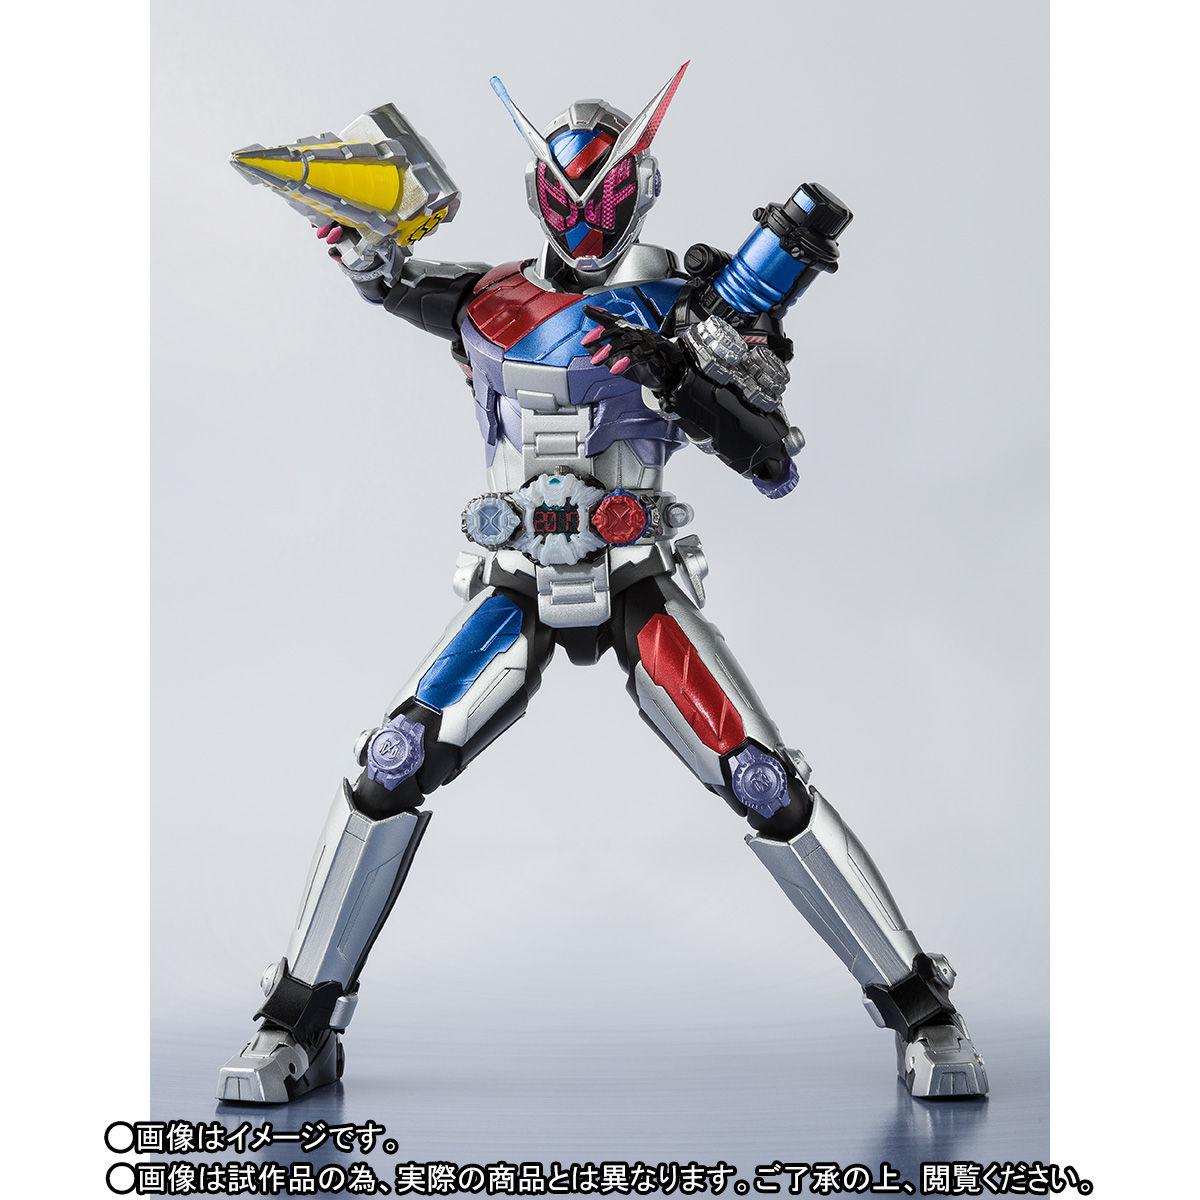 S.H.フィギュアーツ『ビルドアーマー』仮面ライダージオウ 可動フィギュア-003